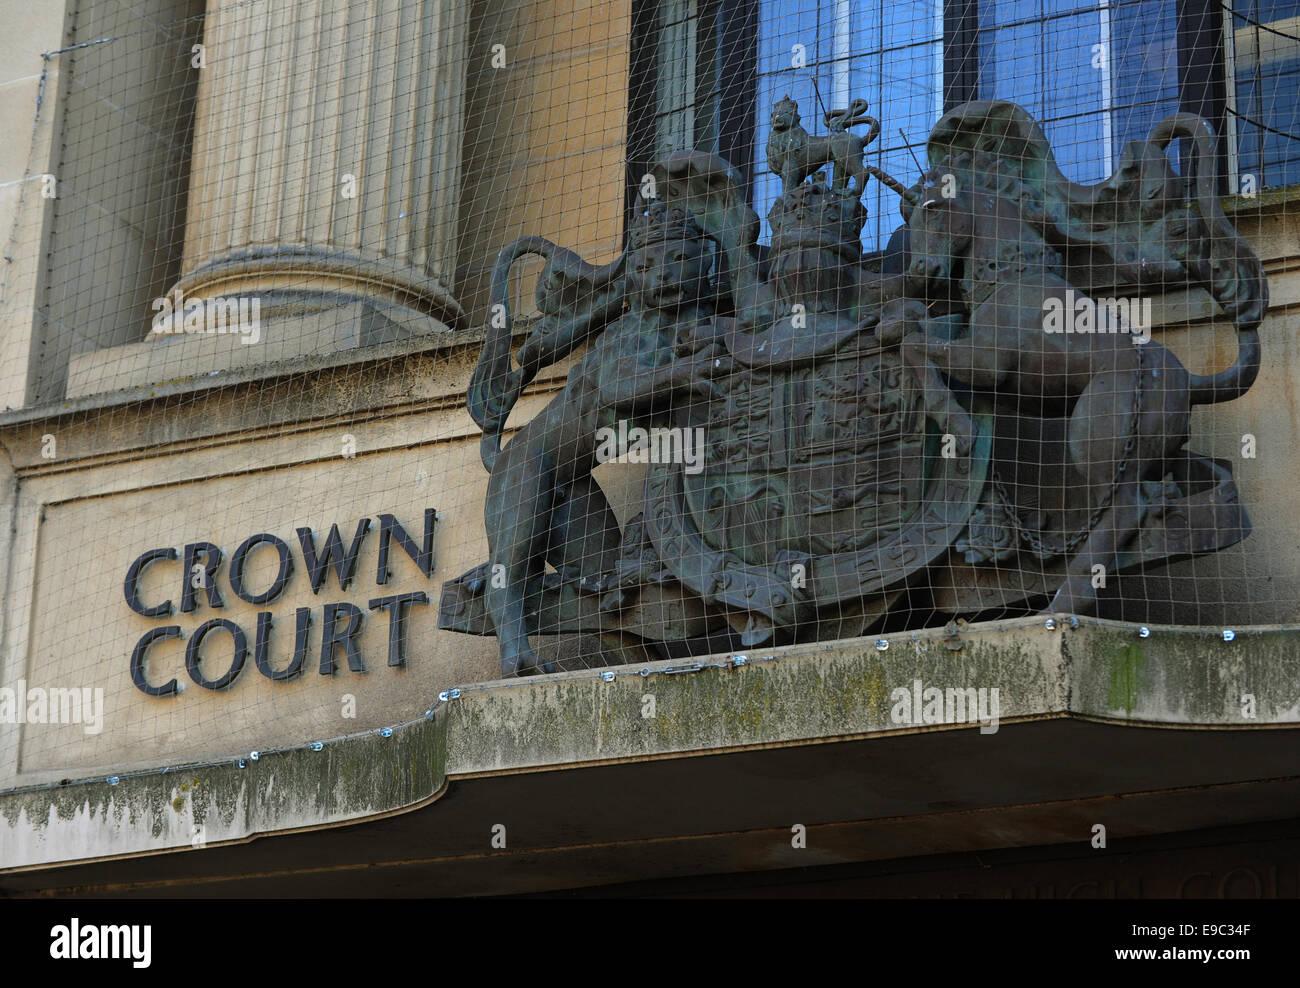 Data: 21.10.2014 Località: Oxford CATCHLINE: bordello custodi della condanna priorità: Lead per: Gv Edwina Kalay (qui illustrato è blu cardigan), di anni 53, è stato a causa di essere condannato per un bordello mantenendo a Oxford Crown Court GV vista generale dettaglio di segno e fr Foto Stock